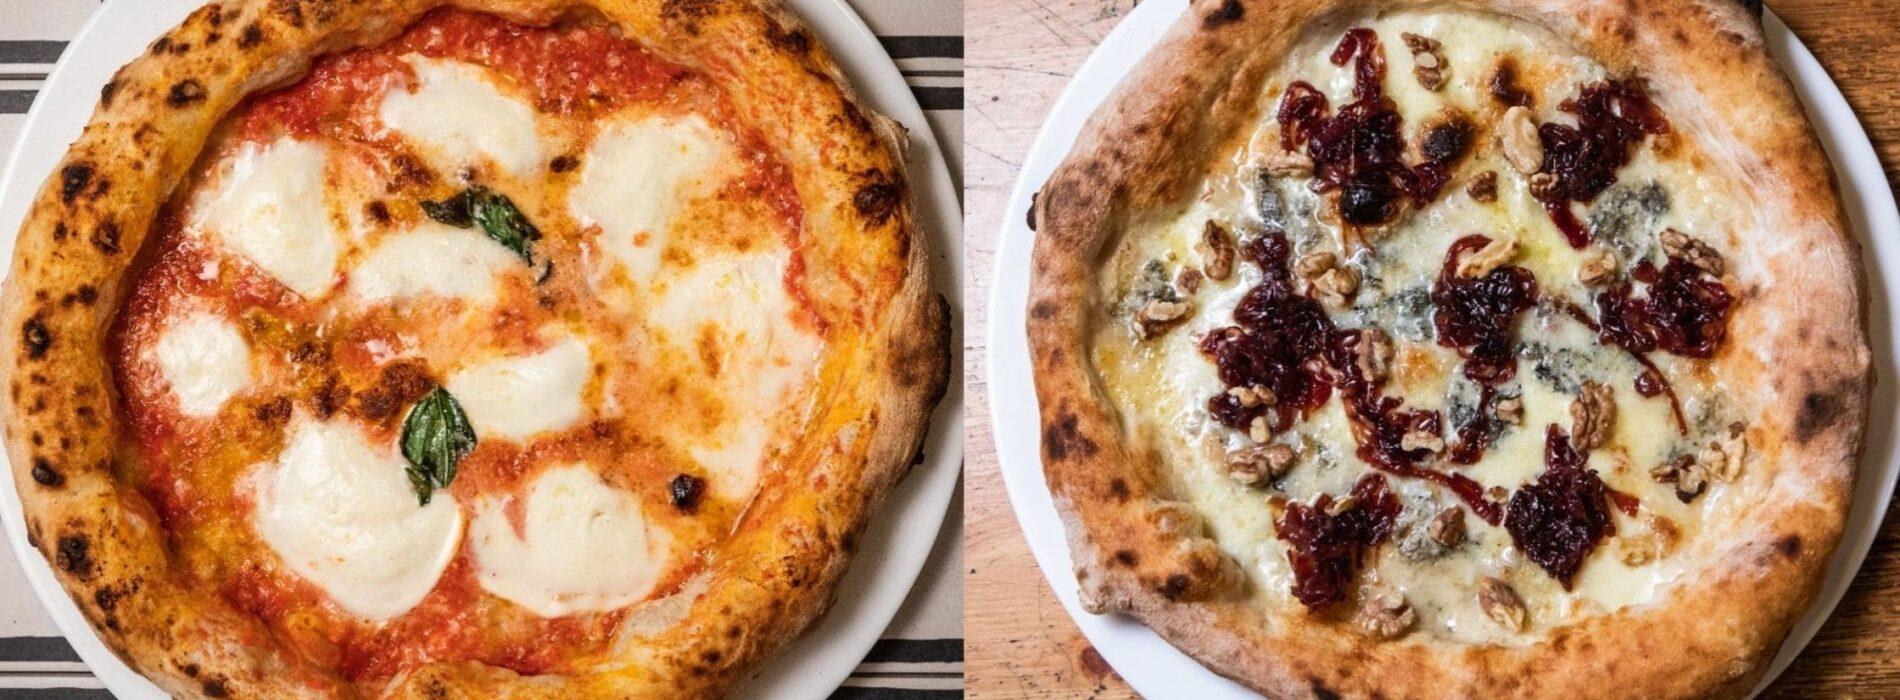 Bordo Roma: al Pigneto la pizzeria (quasi) napoletana con crocchè, frittatine e supplì